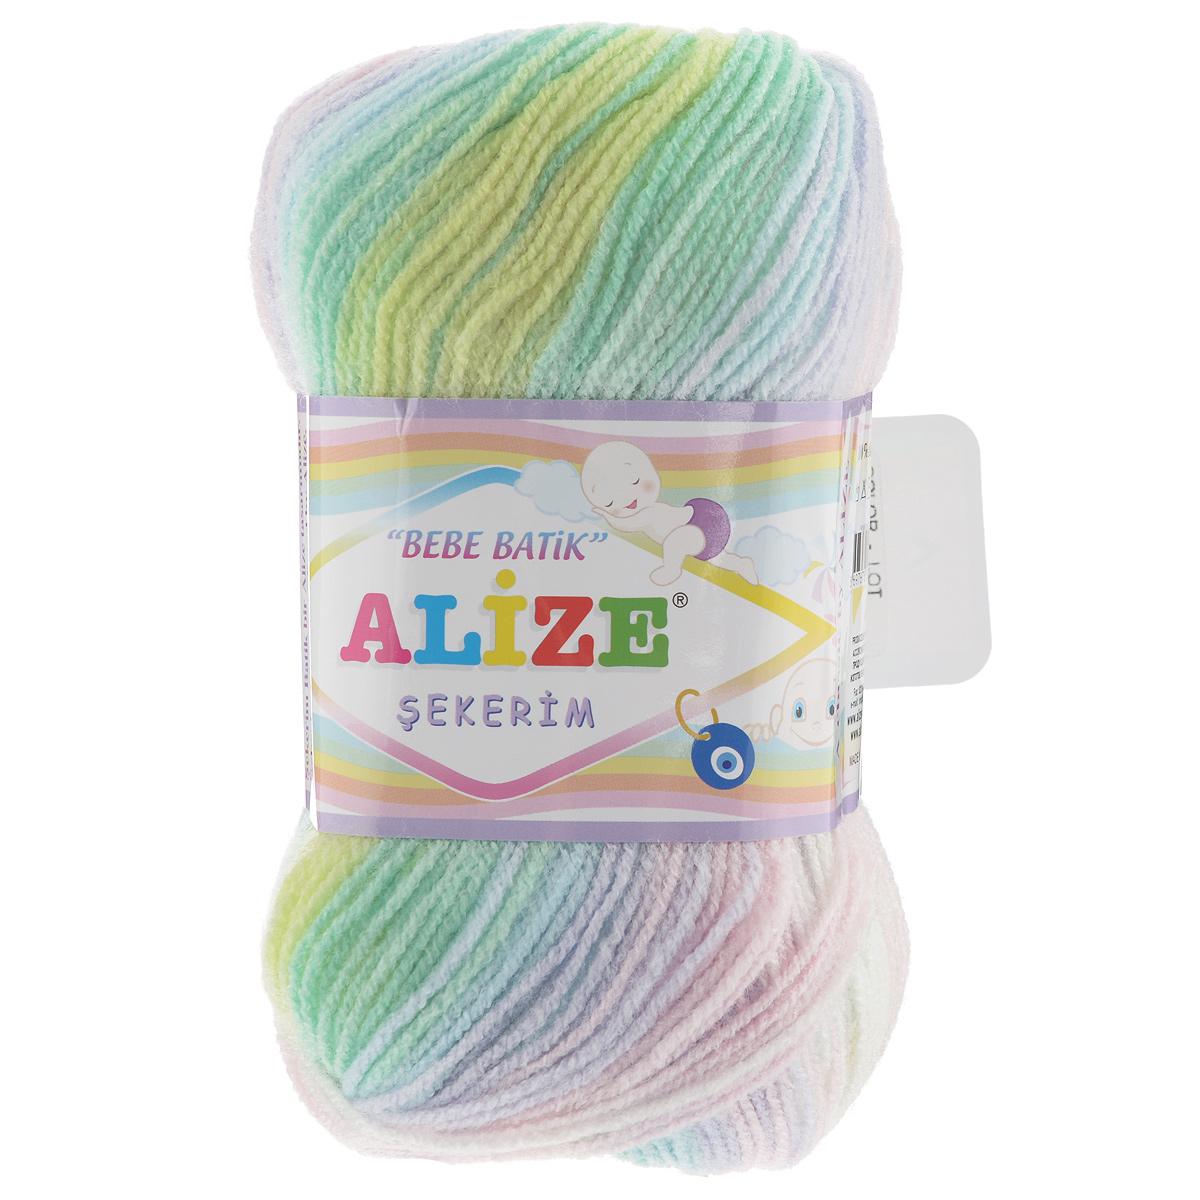 Пряжа для вязания Alize Sekerim Bebe Batik, цвет: желтый, зеленый, голубой (2132), 320 м, 100 г, 5 шт364106_2132Пряжа для вязания Alize Sekerim Bebe Batik изготовлена из акрила. Фантазийная пряжа для ручного вязания отлично подойдет для детских вещей. Ниточка мягкая и приятная на ощупь. Подходит для вязания спицами и крючком. Рекомендованные спицы 3-4 мм и крючок для вязания 2-4 мм. Состав: 100% акрил.